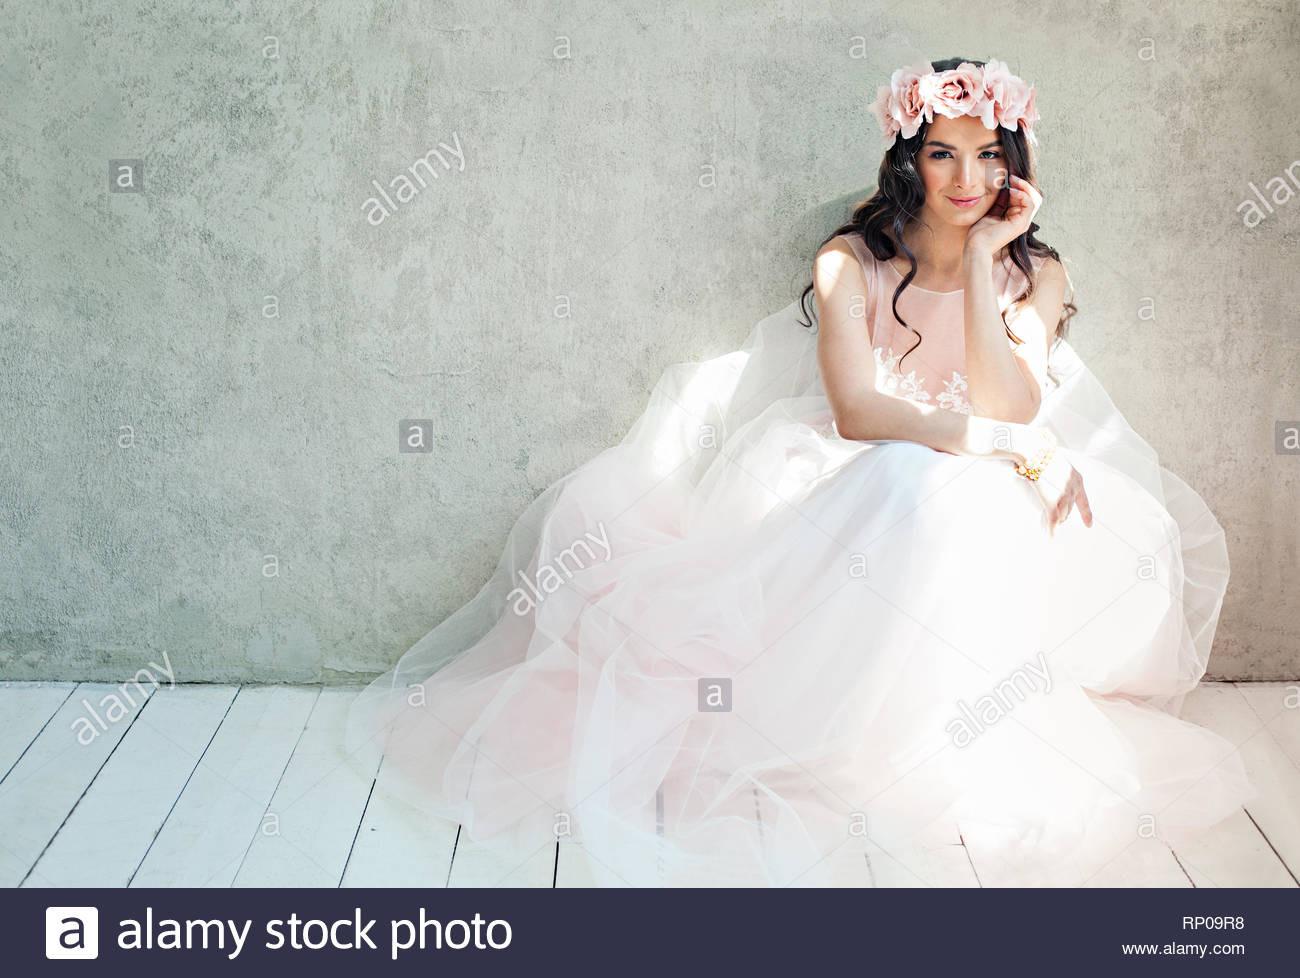 Schöne Braut Frau In Tulle Rosen Hochzeit Kleid, Lifestyle